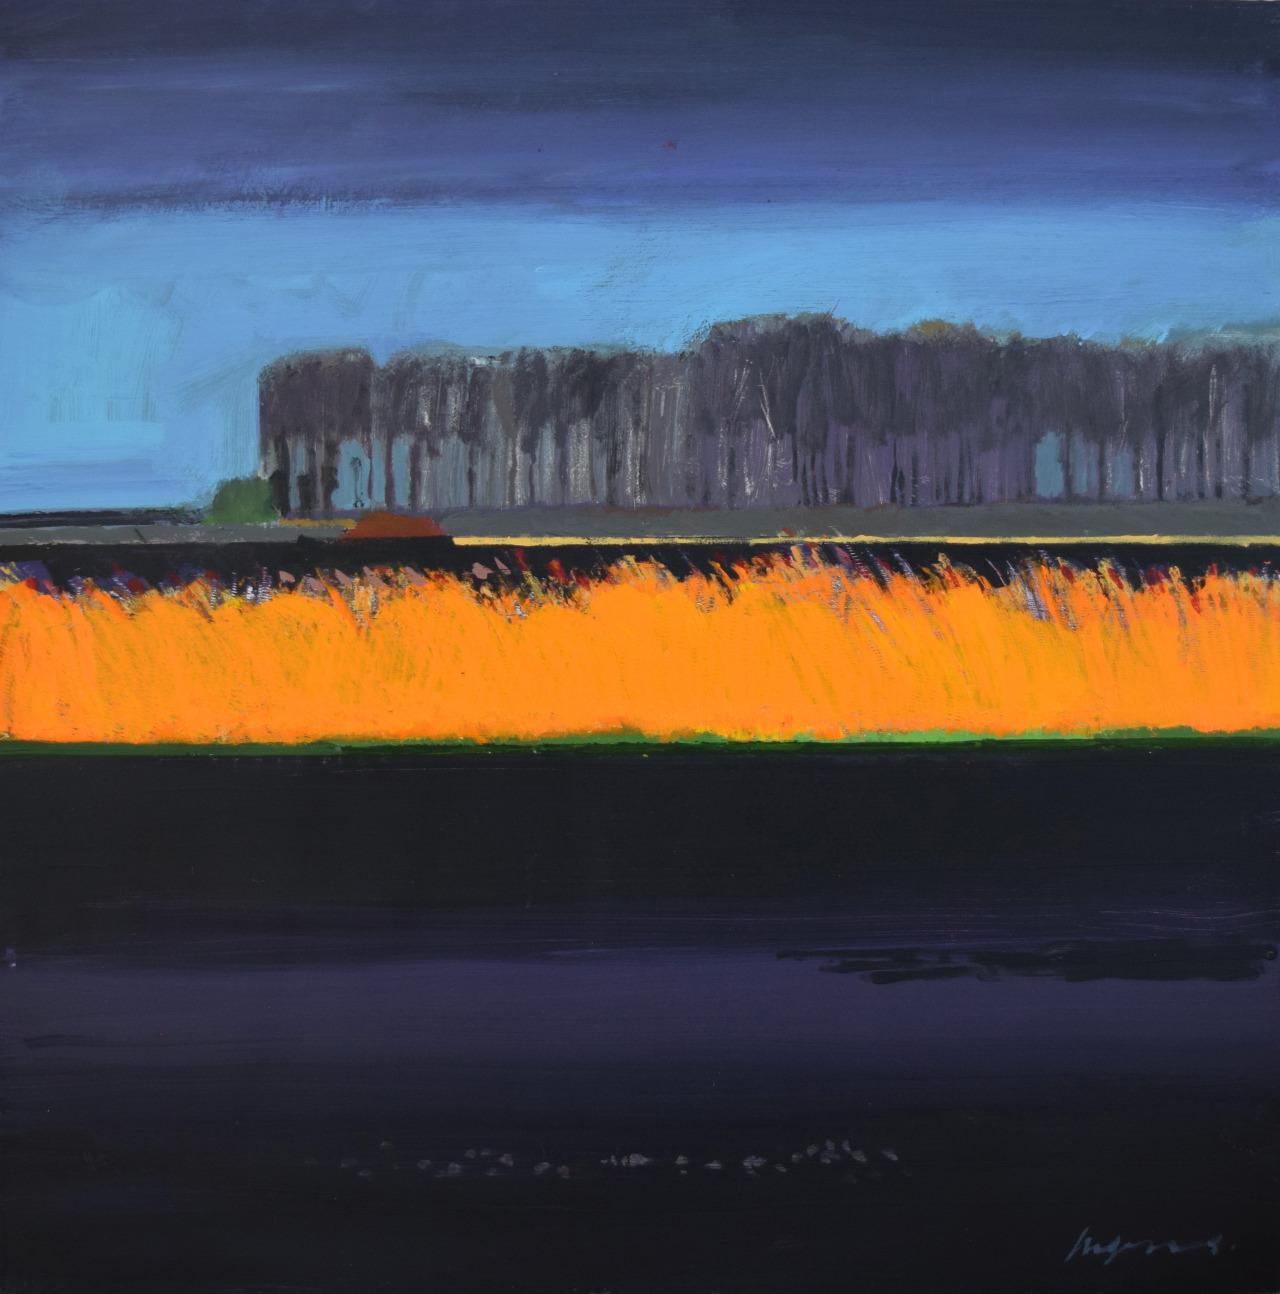 group-eight:Orange Reeds in the Black FensFred Ingramshttp://www.fredingrams.com/